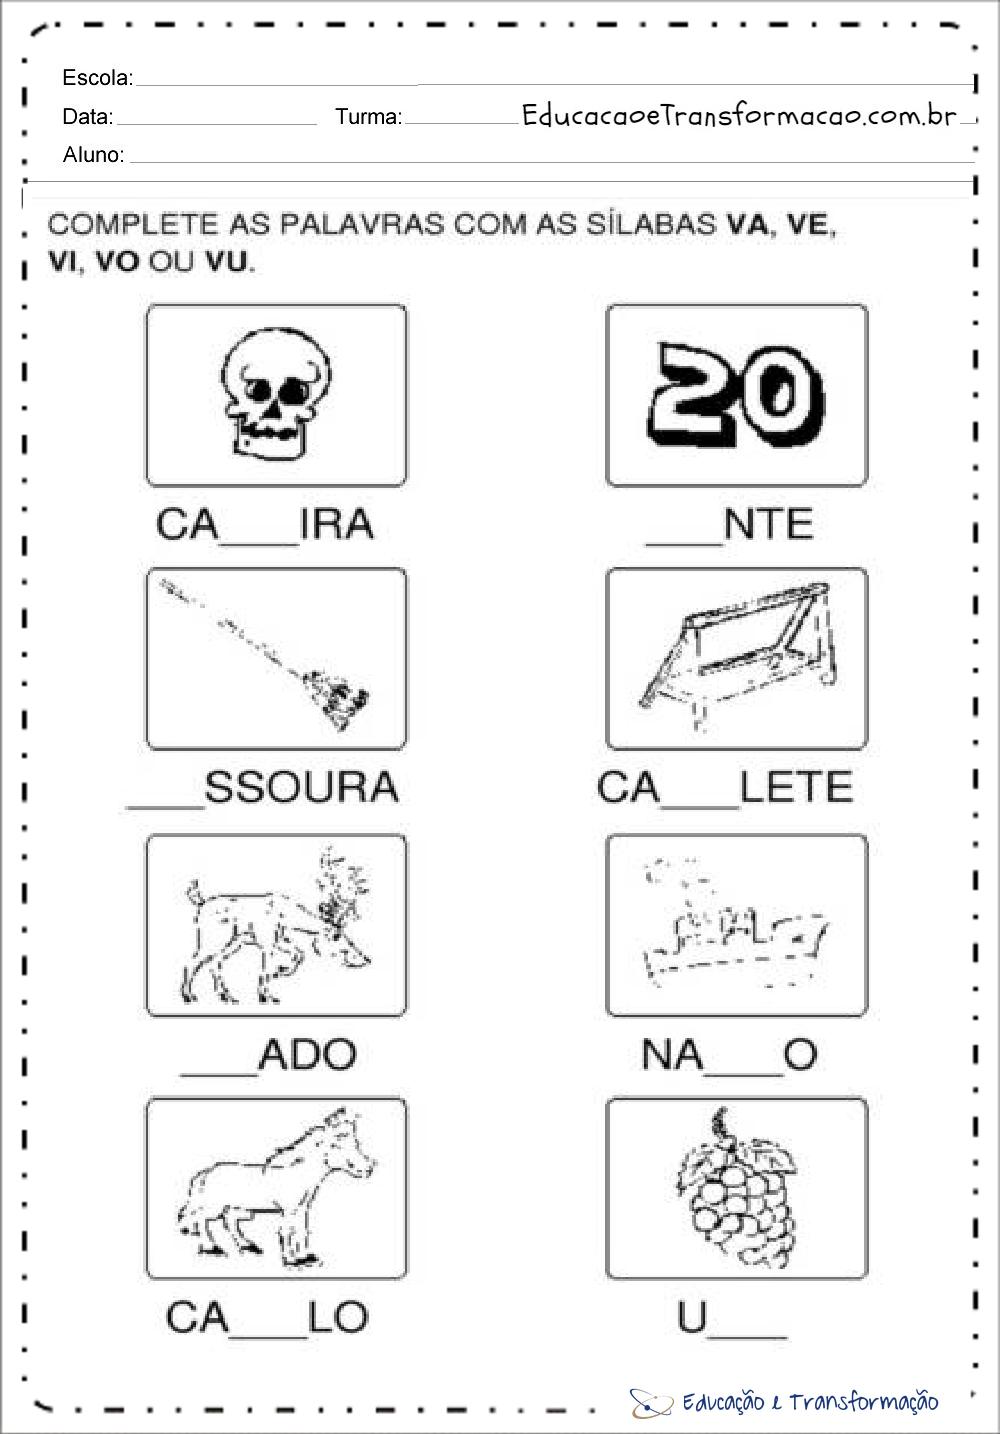 Atividades com a letra V para alfabetização – Complete as palavras